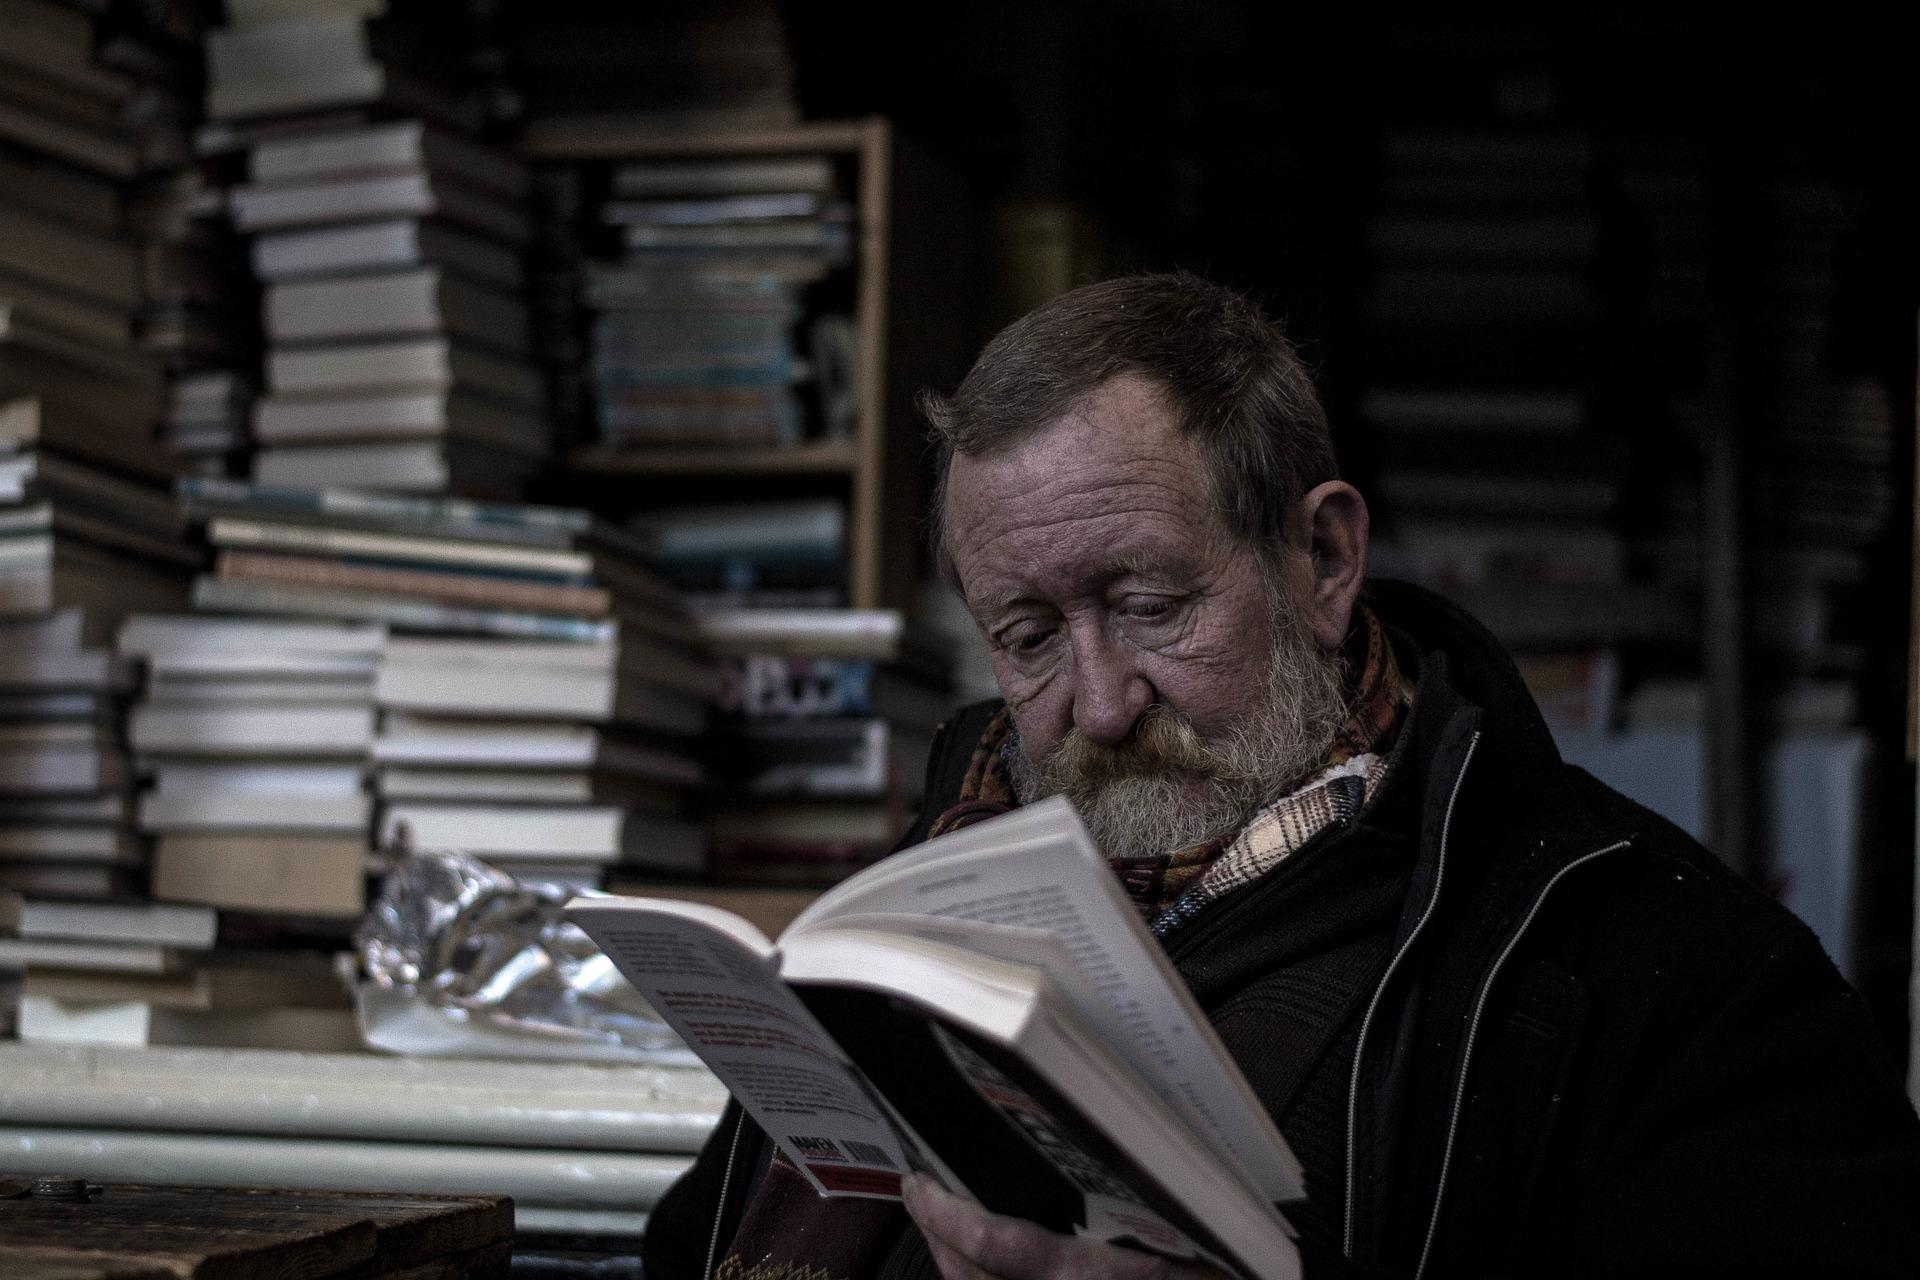 Az olvasás segít megőrizni a szellemi frissességed.